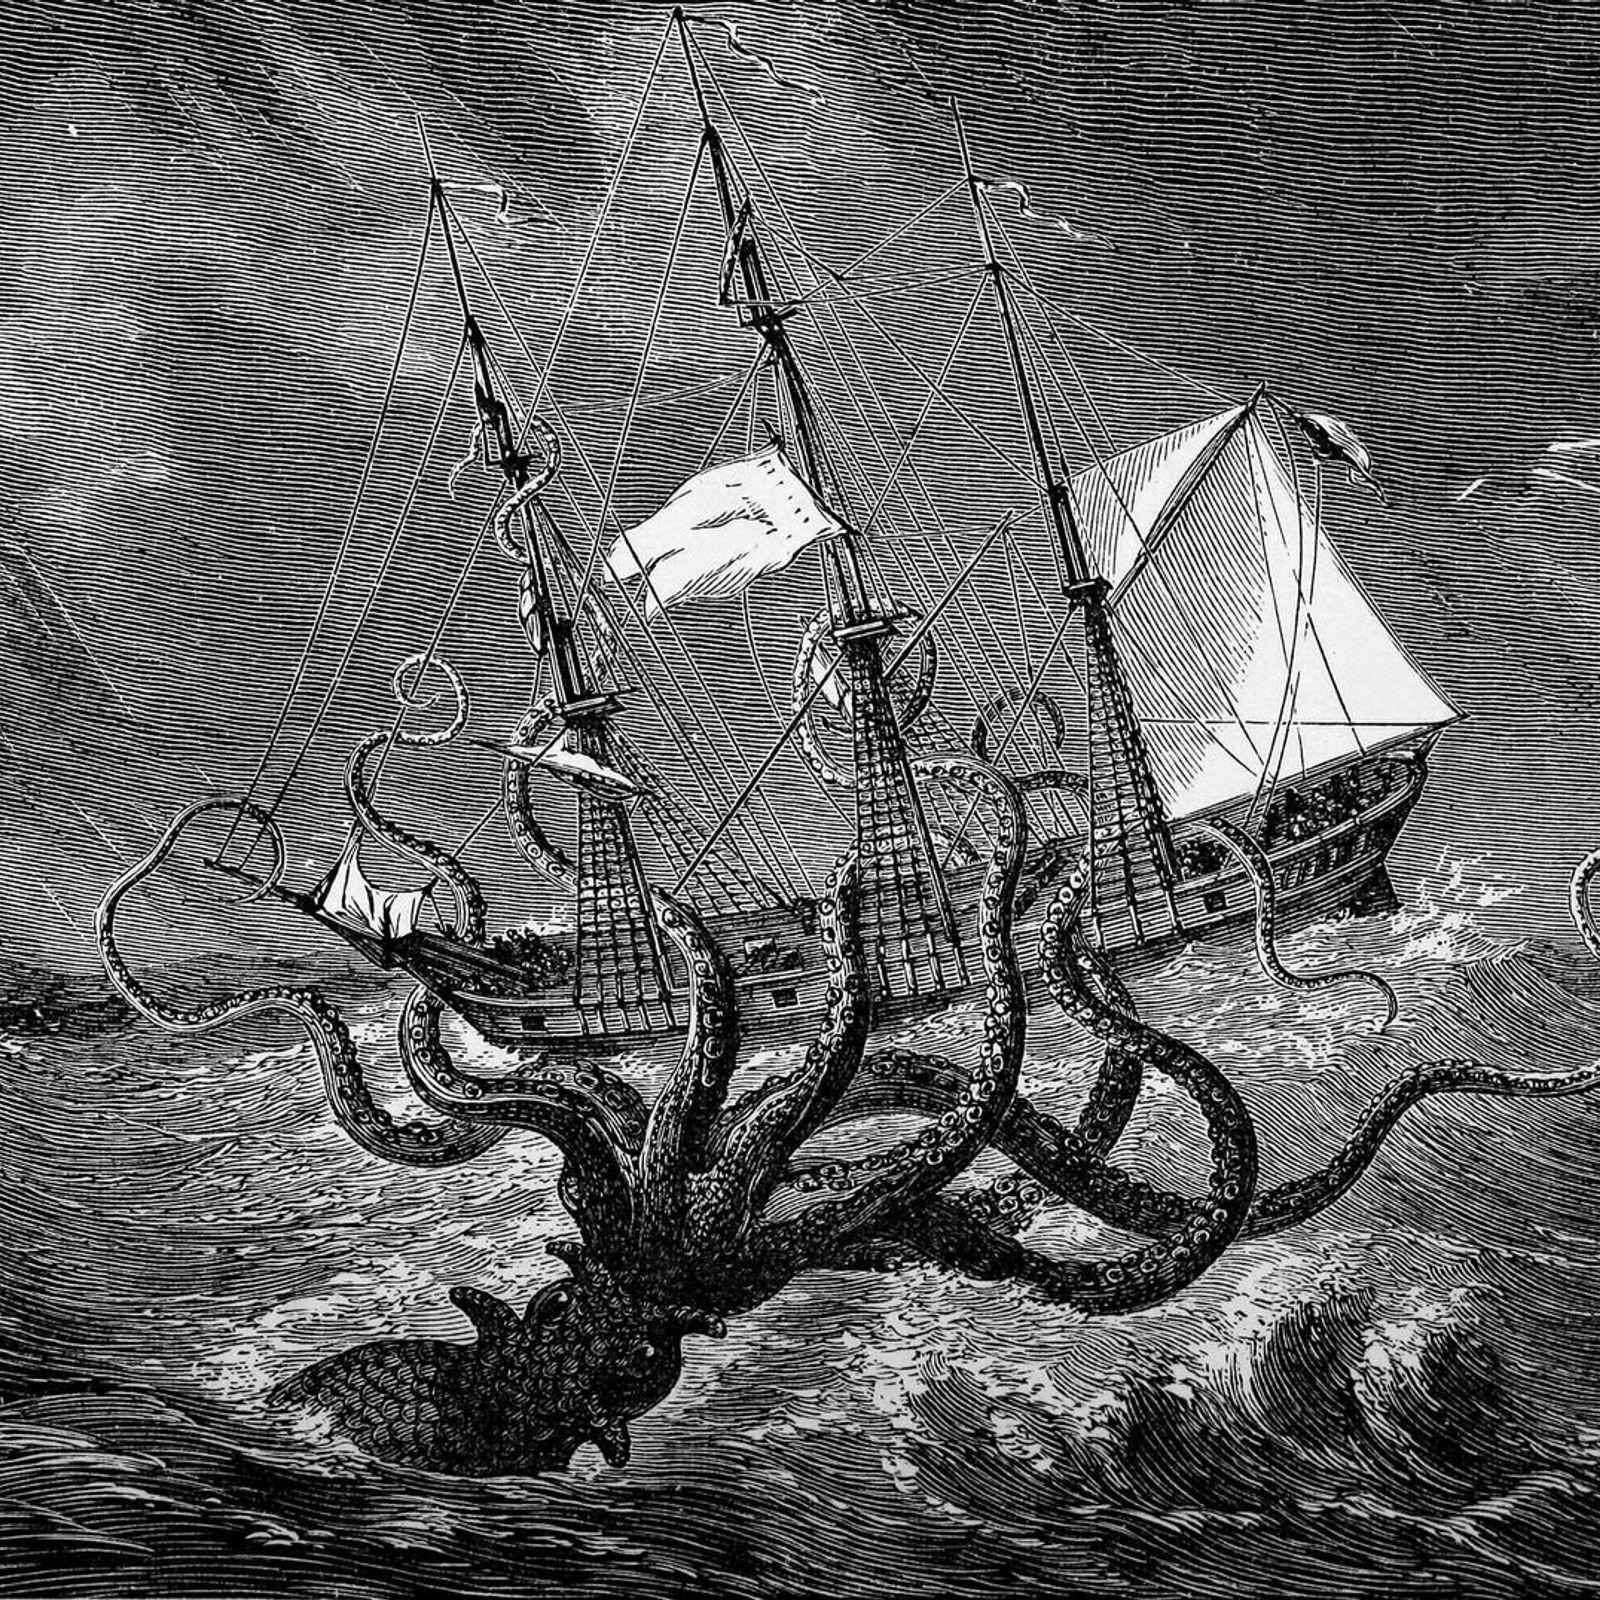 Berühmte Seeungeheuer, die in die Geschichte eingegangen sind.